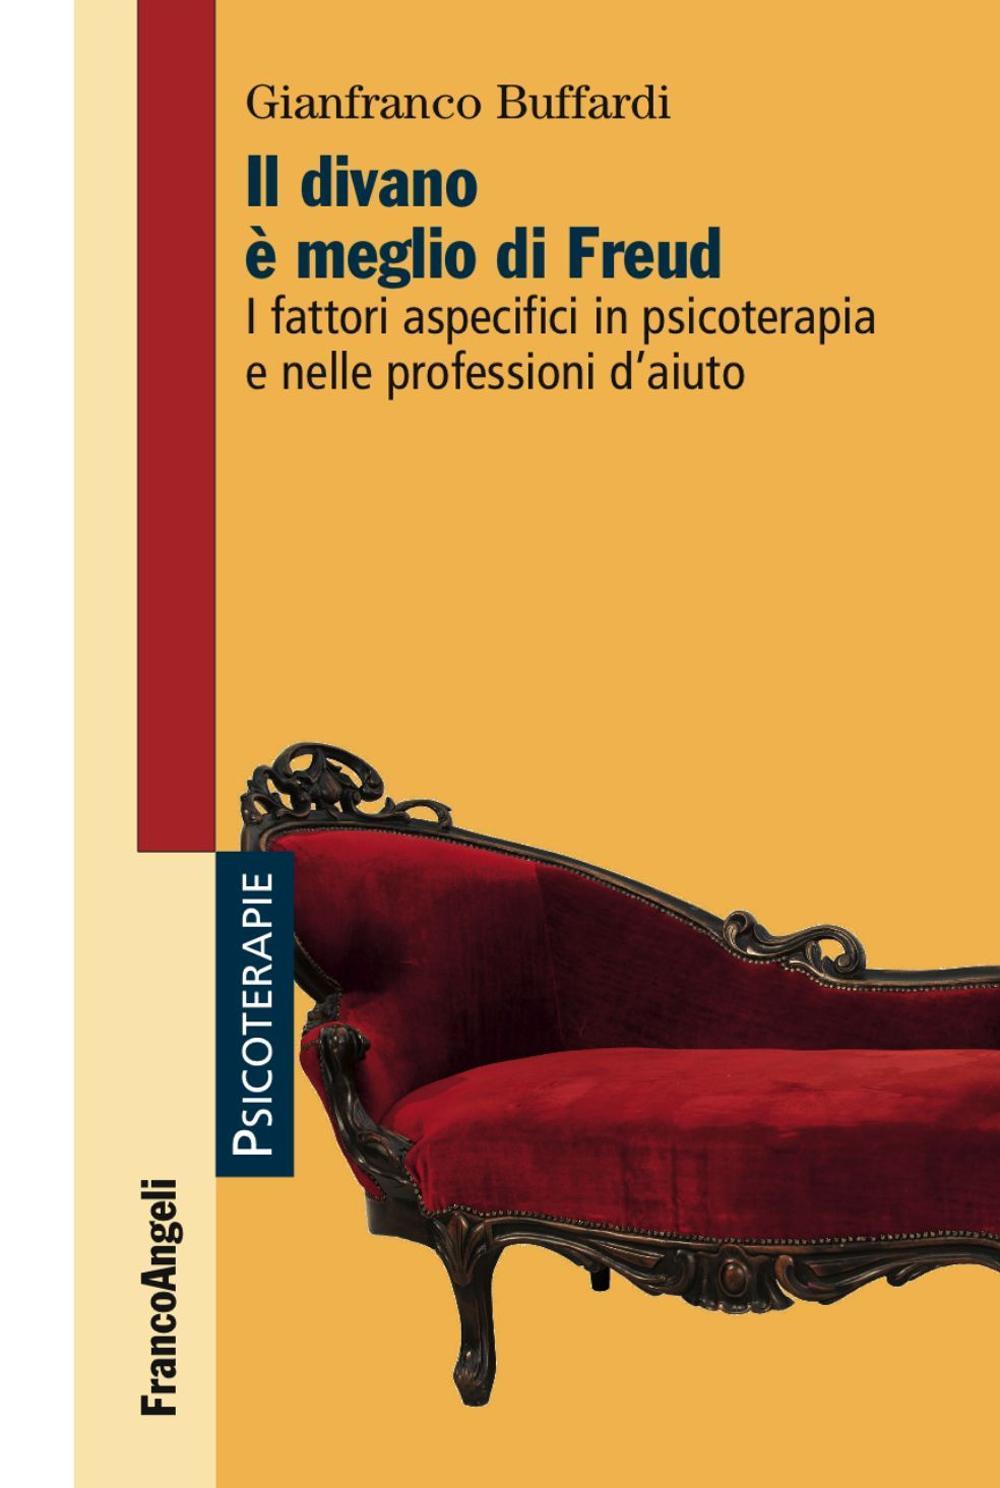 Il divano è meglio di Freud. I fattori aspecifici in psicoterapia e nelle professioni d'aiuto